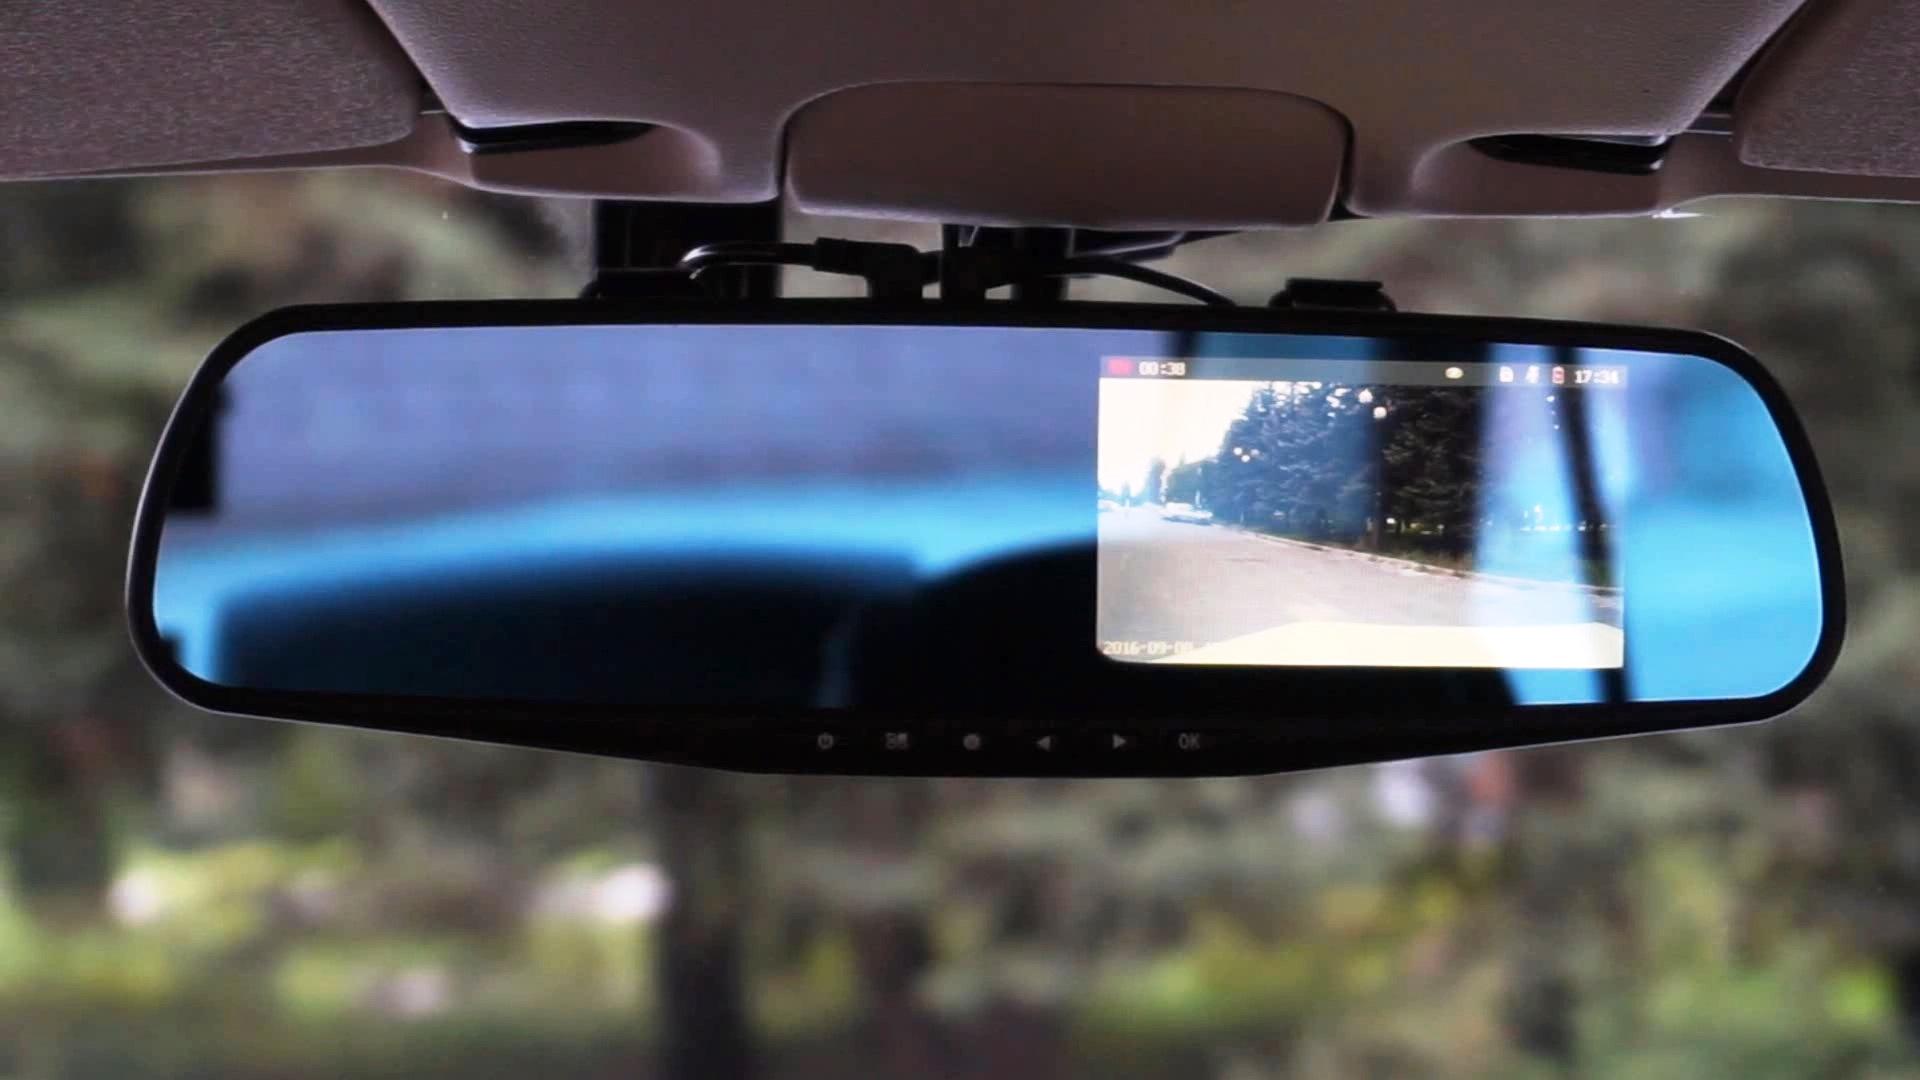 источников тепла видеорегистратор зеркало заднего вида инструкция 2000-м году